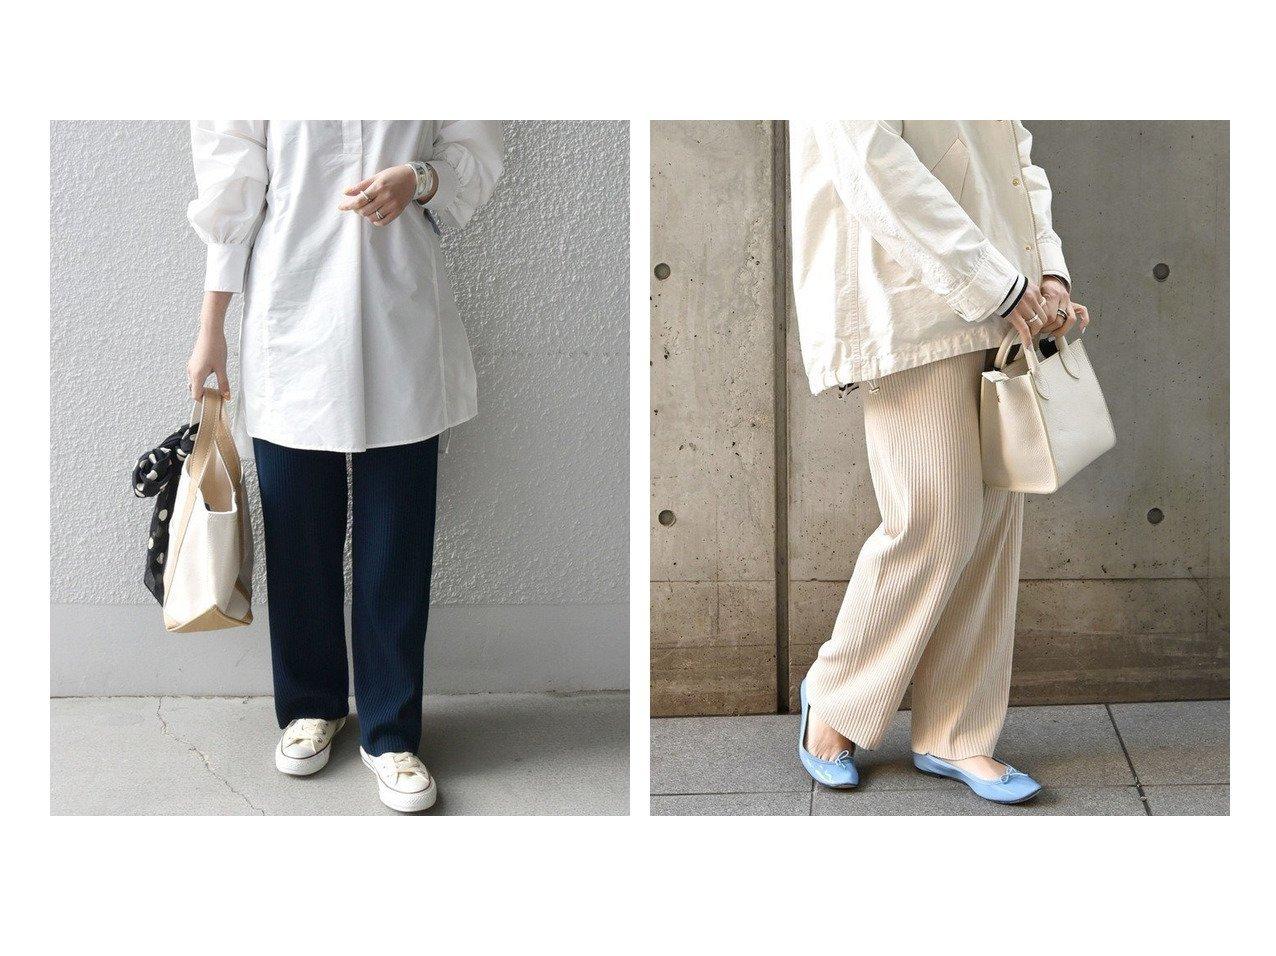 【SHIPS any/シップス エニィ】のSHIPS any リブニット パンツ パンツのおすすめ!人気、トレンド・レディースファッションの通販 おすすめで人気の流行・トレンド、ファッションの通販商品 メンズファッション・キッズファッション・インテリア・家具・レディースファッション・服の通販 founy(ファニー) https://founy.com/ ファッション Fashion レディースファッション WOMEN パンツ Pants おすすめ Recommend スウェット ストレート リブニット ワイドリブ |ID:crp329100000024460